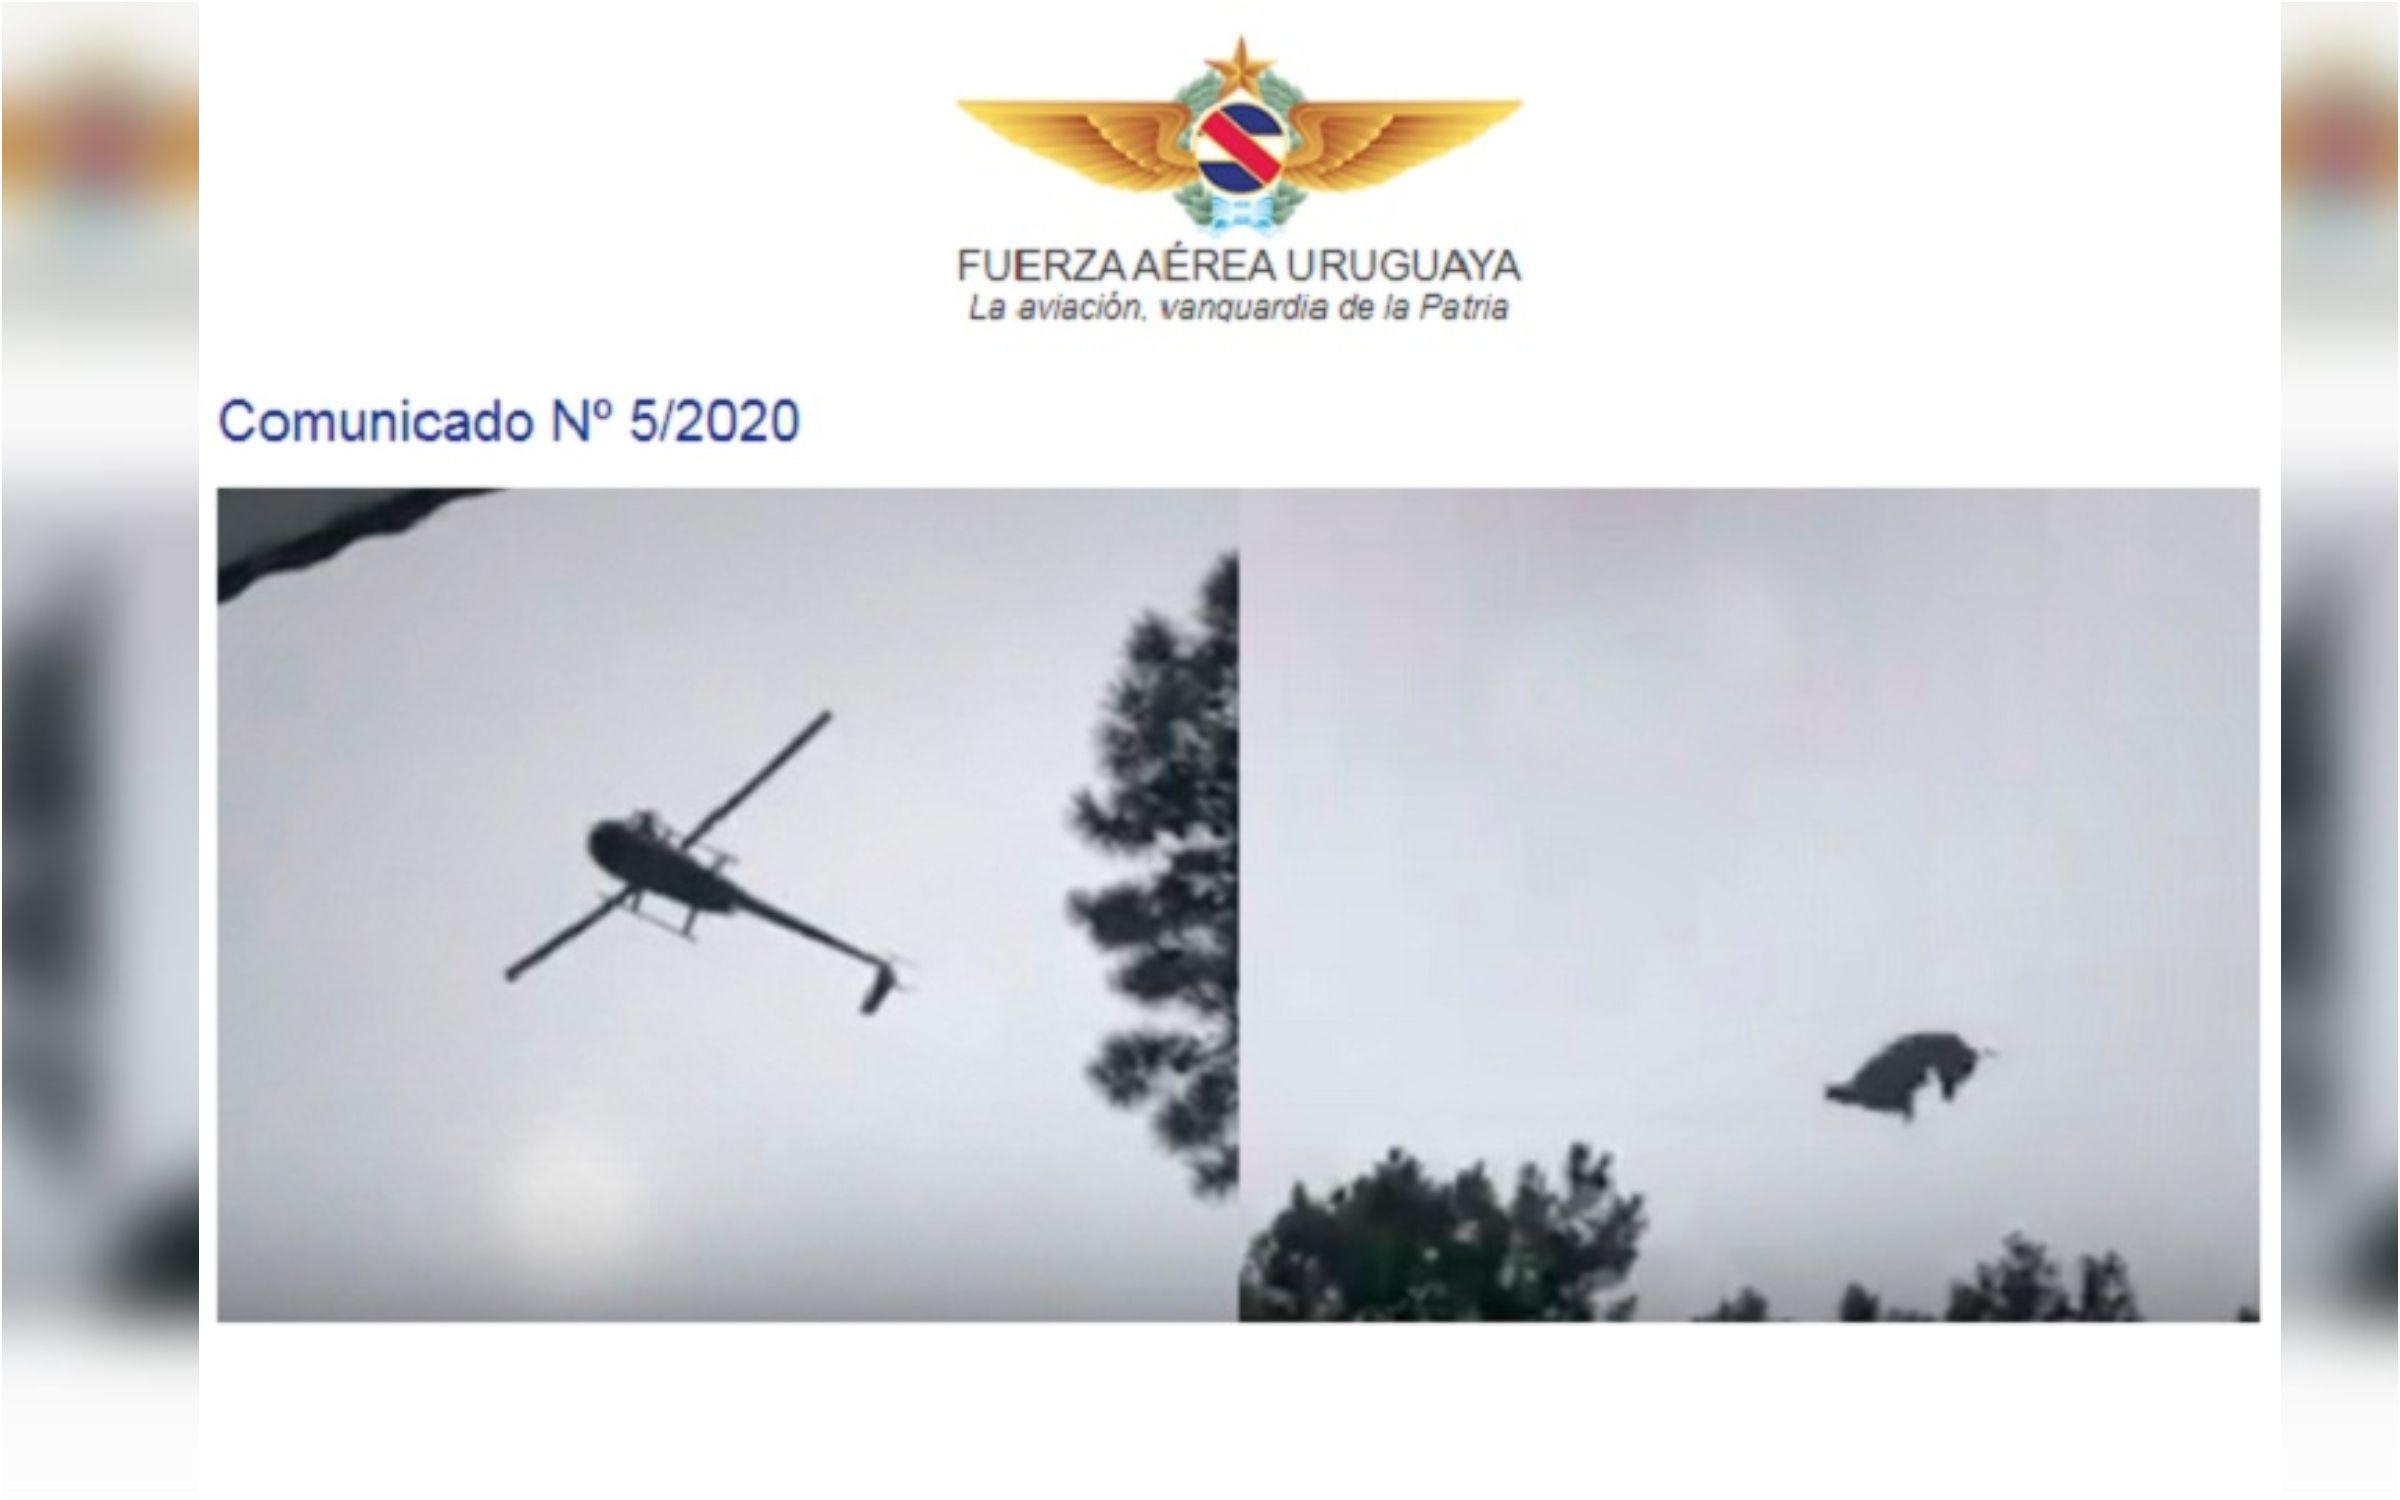 Video del chancho de Álvarez Castillo: la Fuerza Aérea Uruguaya está efectuando una investigación